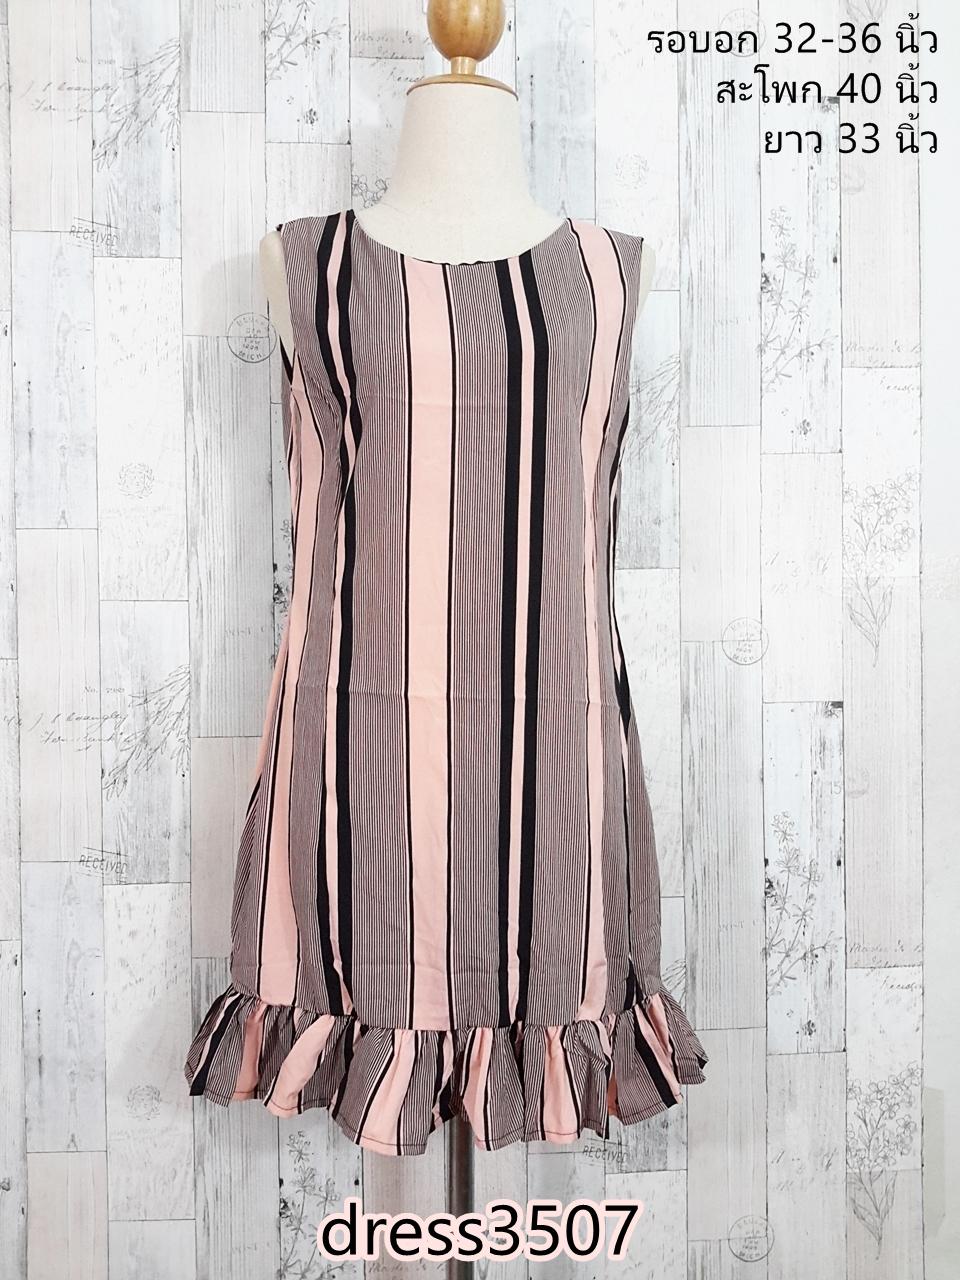 LOT SALE!! Dress3507 ชุดเดรสน่ารัก แต่งโบว์ด้านหลัง ชายระบาย ผ้าไหมอิตาลีเนื้อนิ่มลายริ้ว สีชมพู